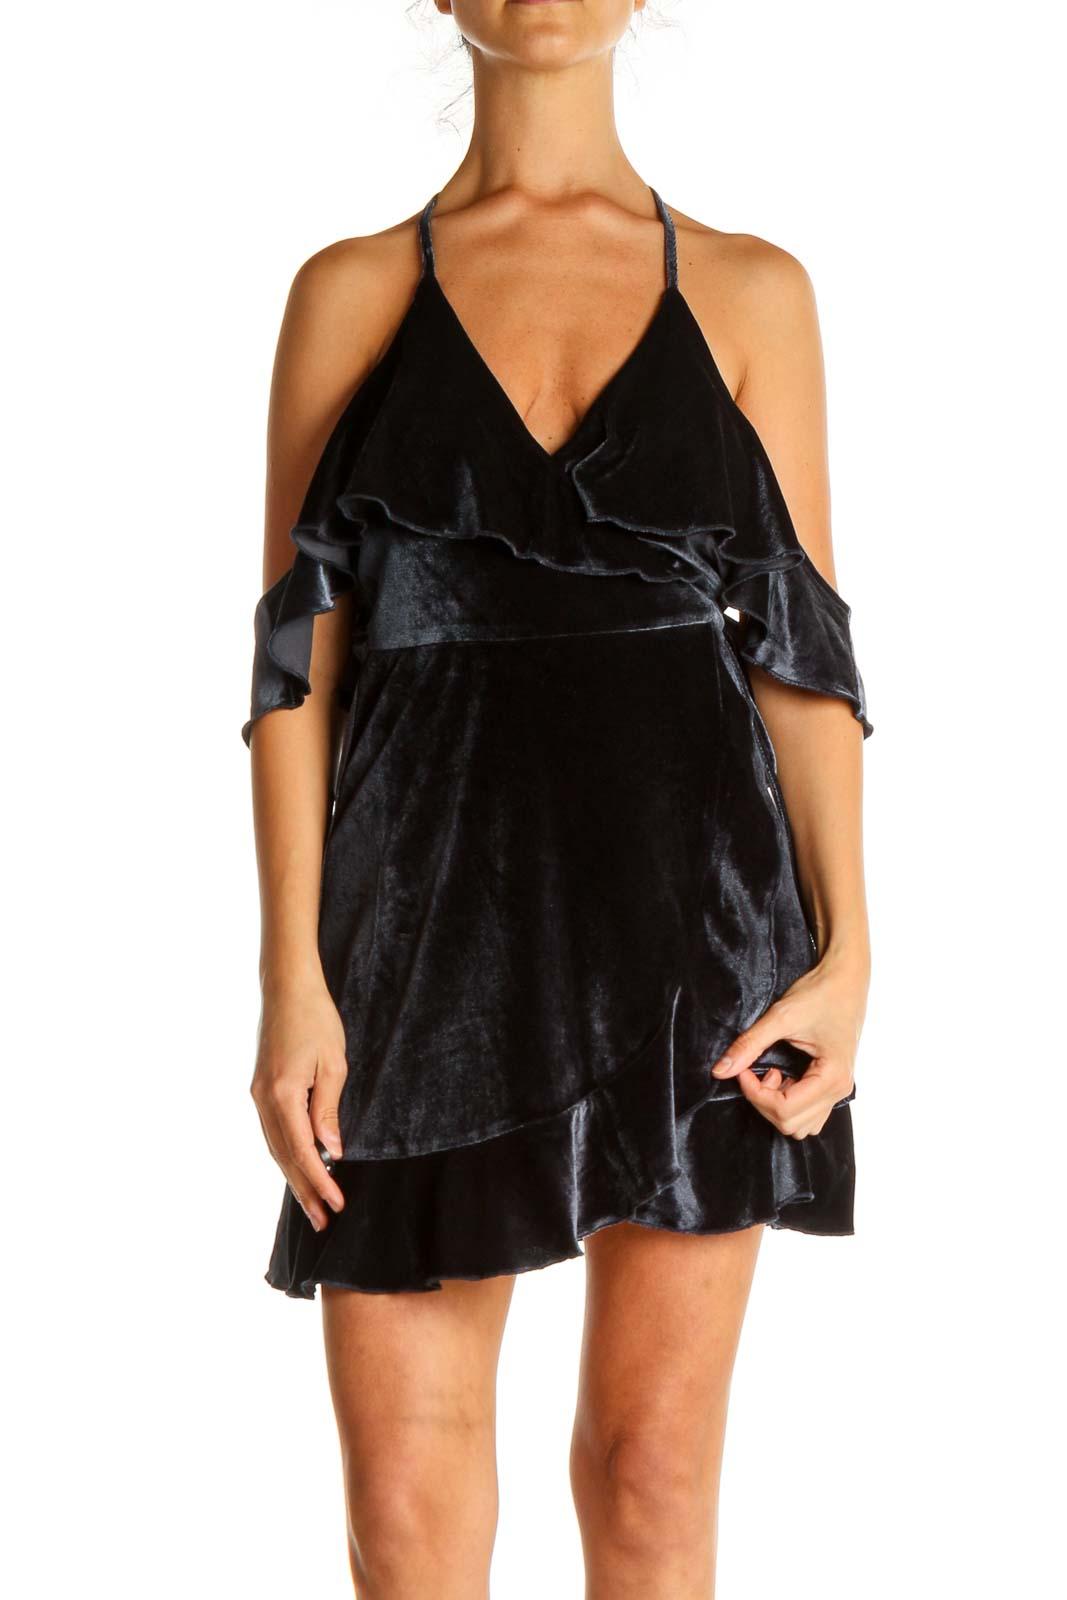 Blue Textured Dress Front